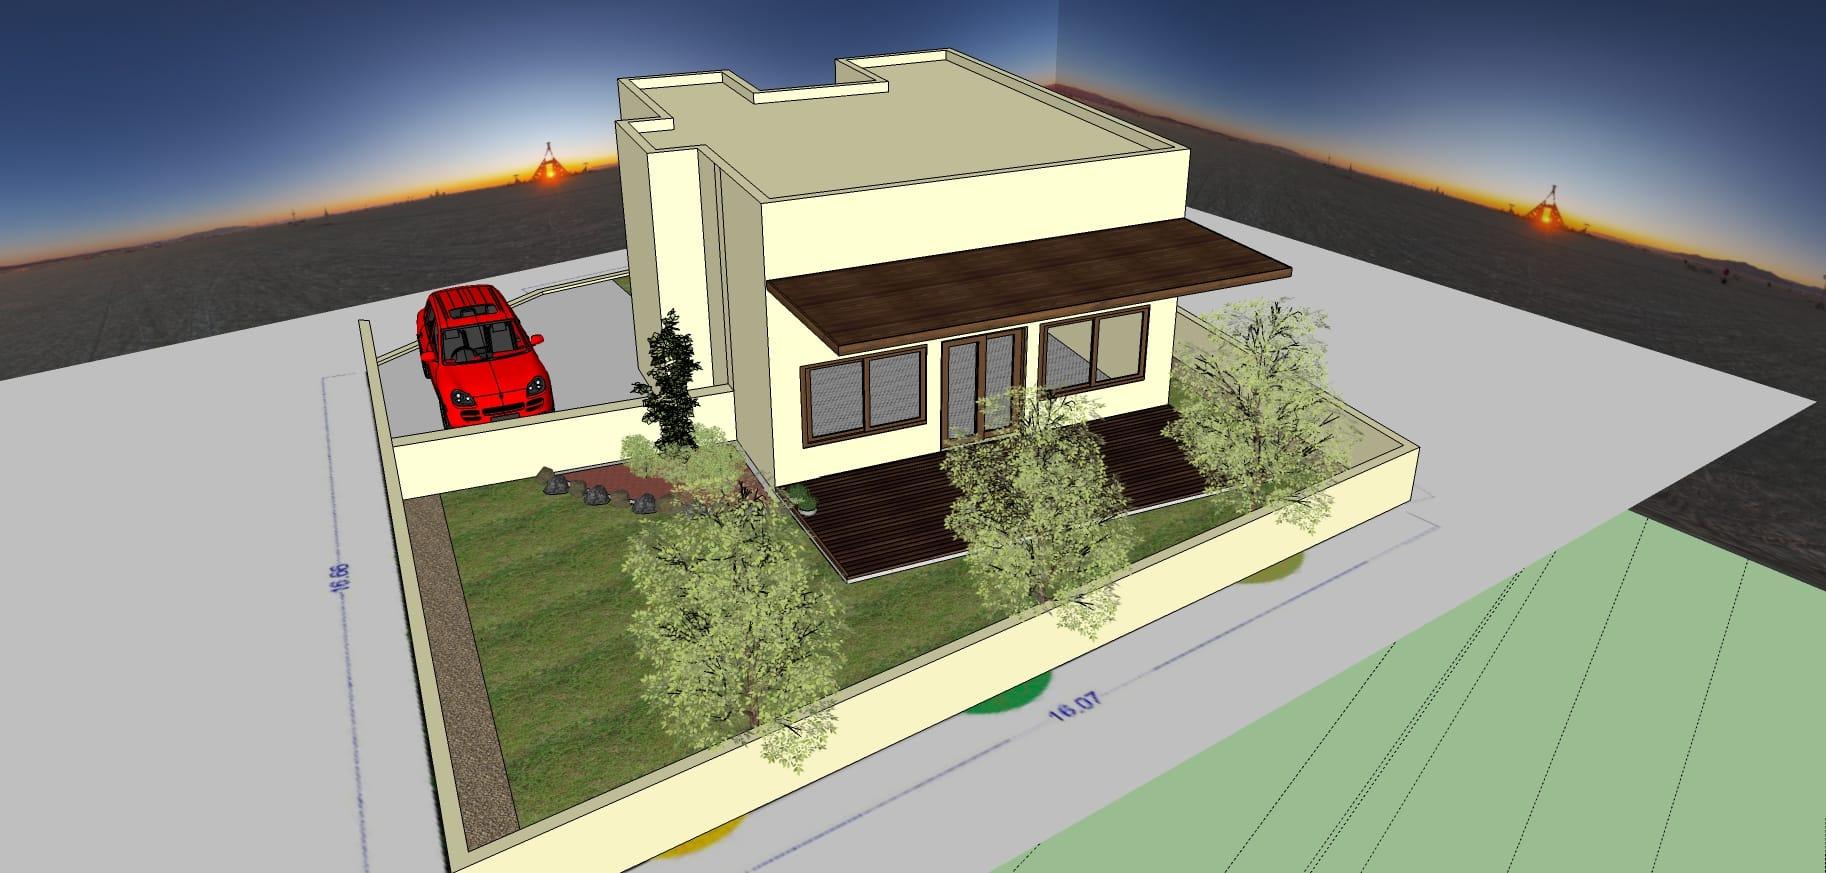 עיצוב גינה ממוחשבת בפרויקט סביוני ברוריה בבנימינה – מאי 20156 - הדמיות לעיצוב פרויקט בבנימינה